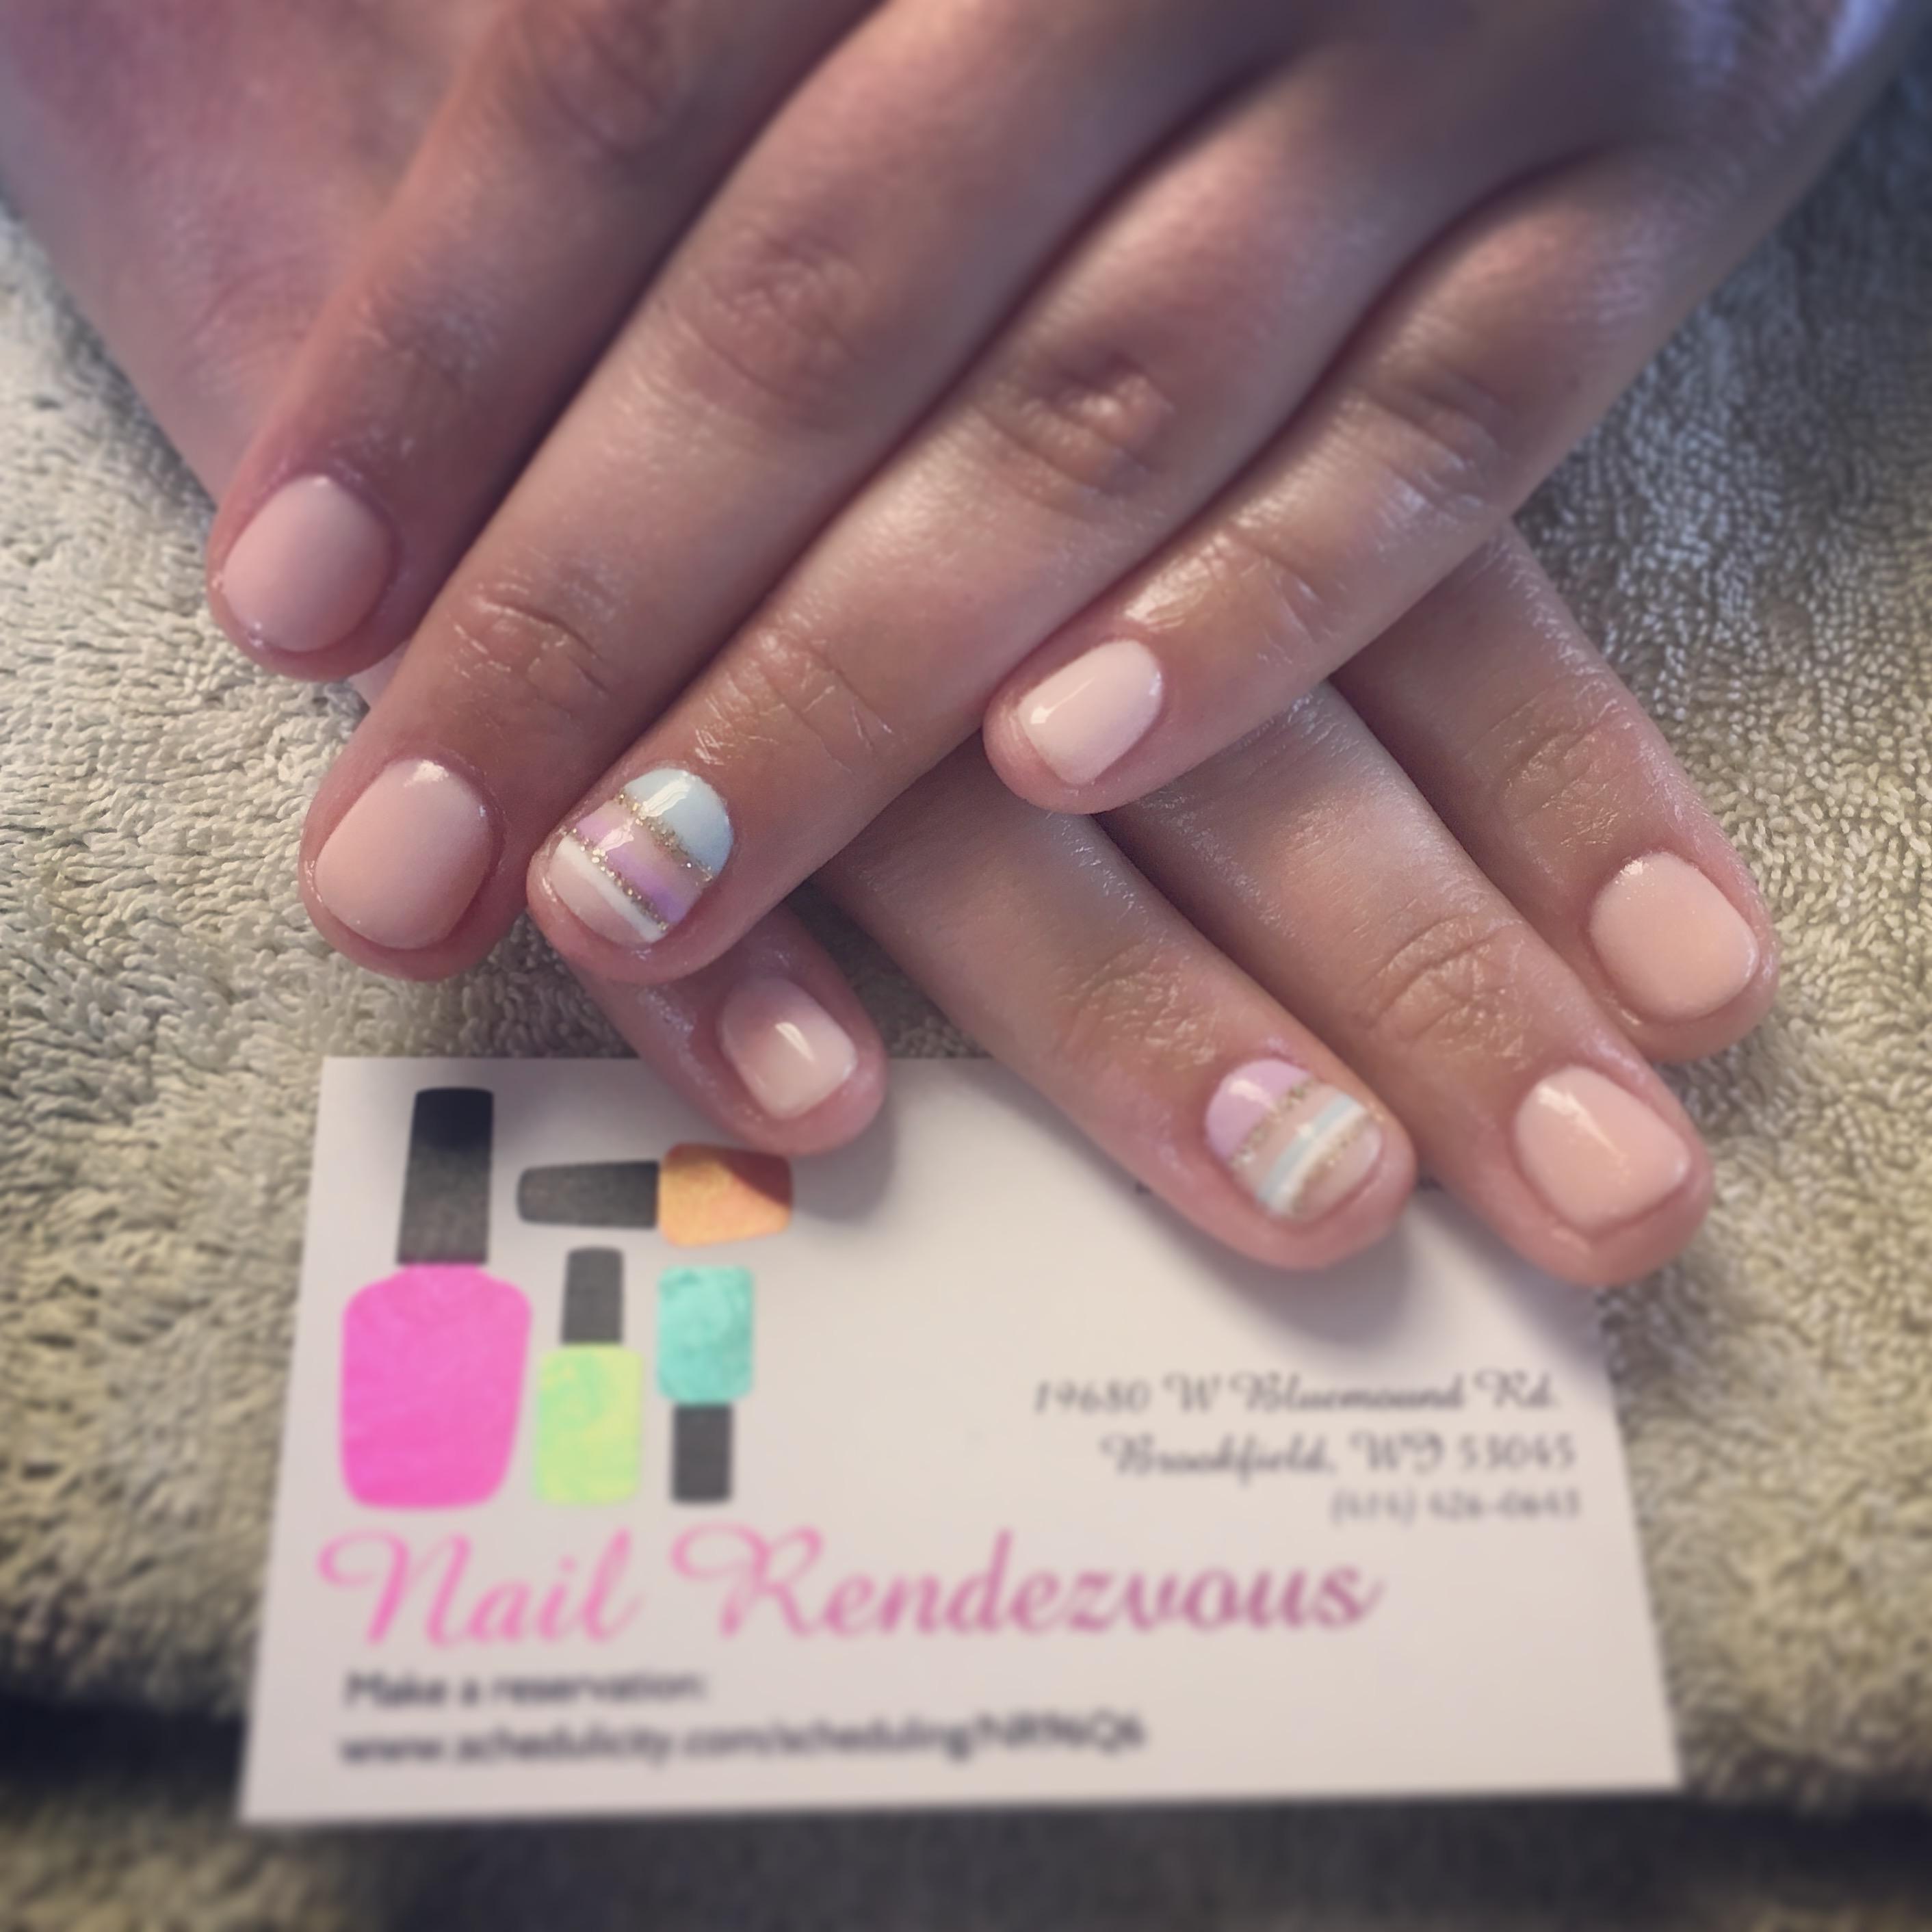 acrylic nails 53005 photo - 1